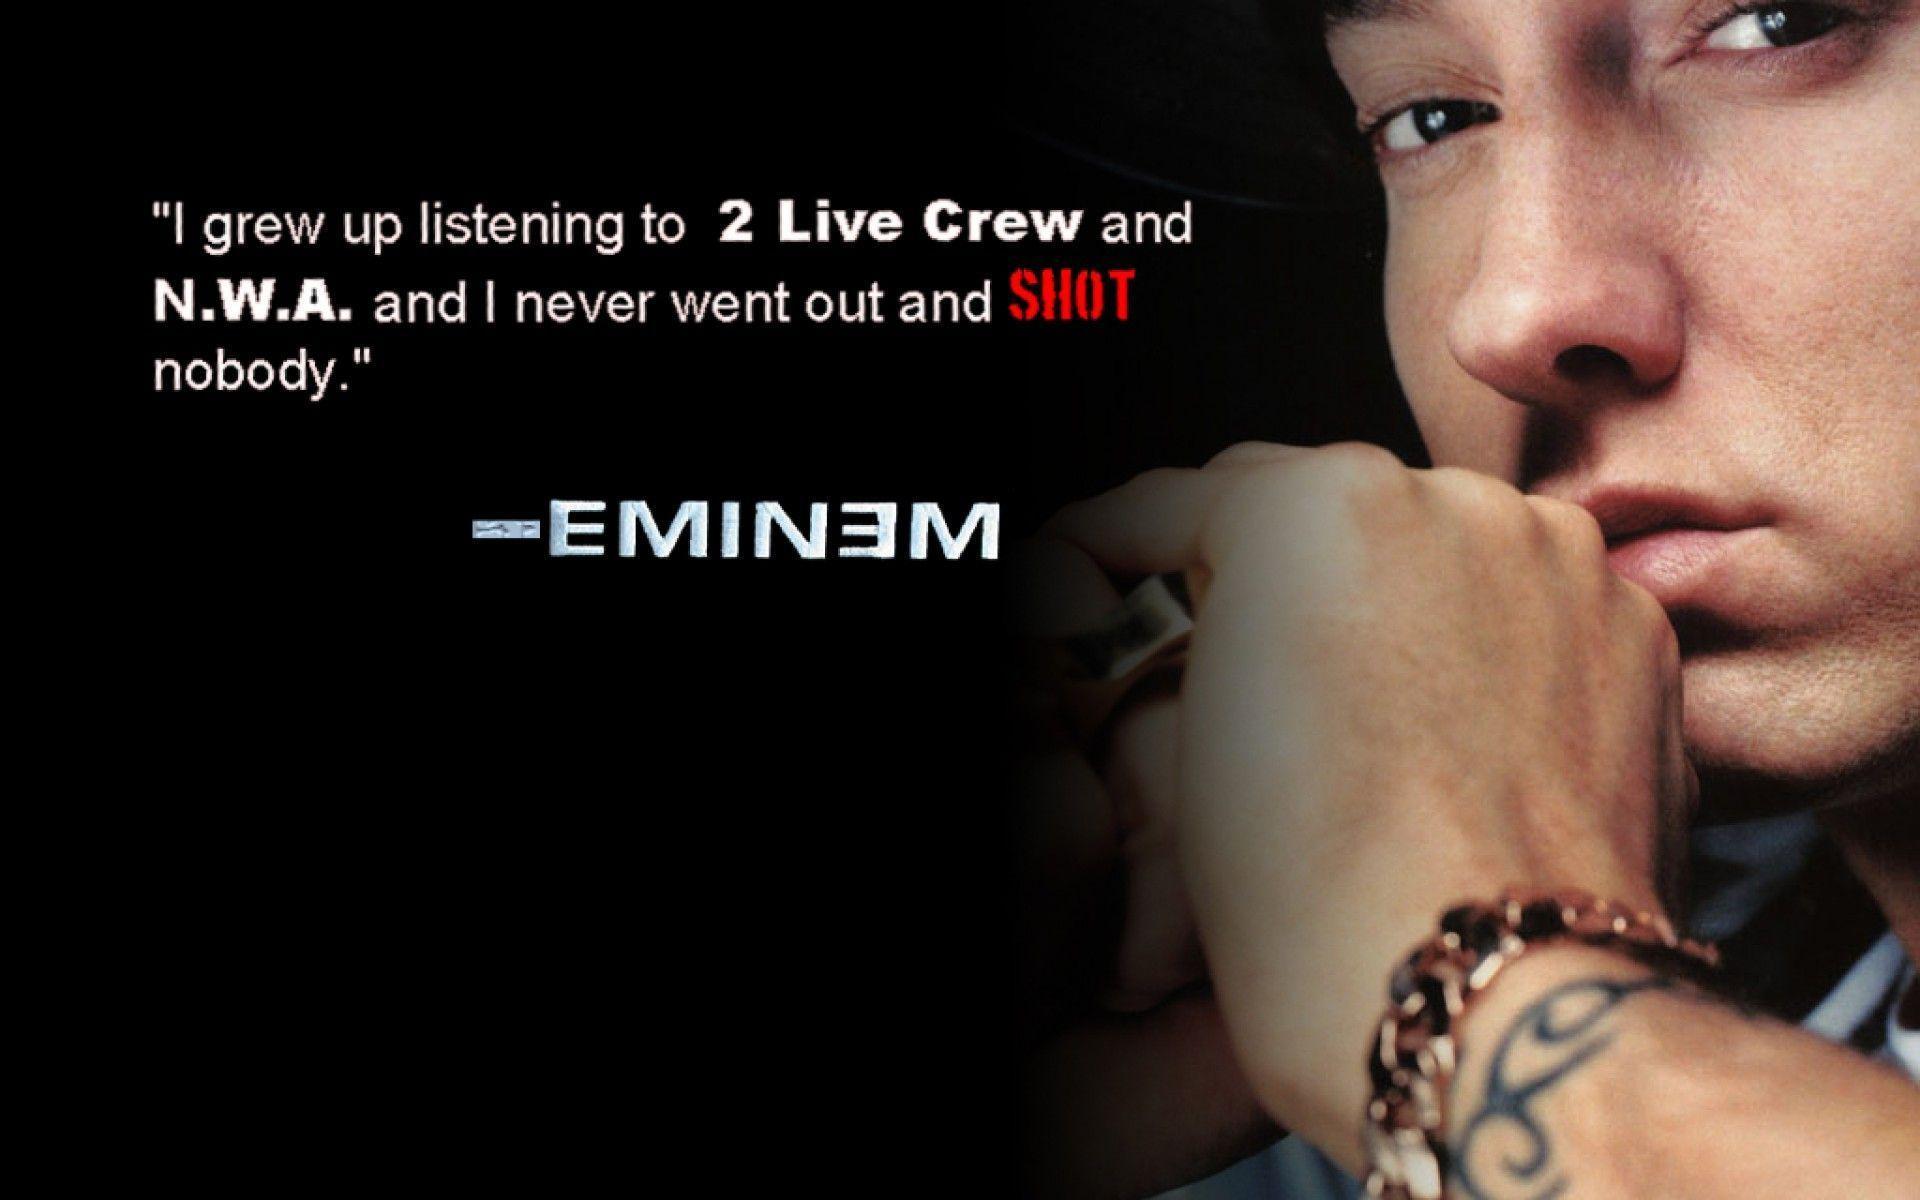 Eminem 23161 - Eminem Wallpaper